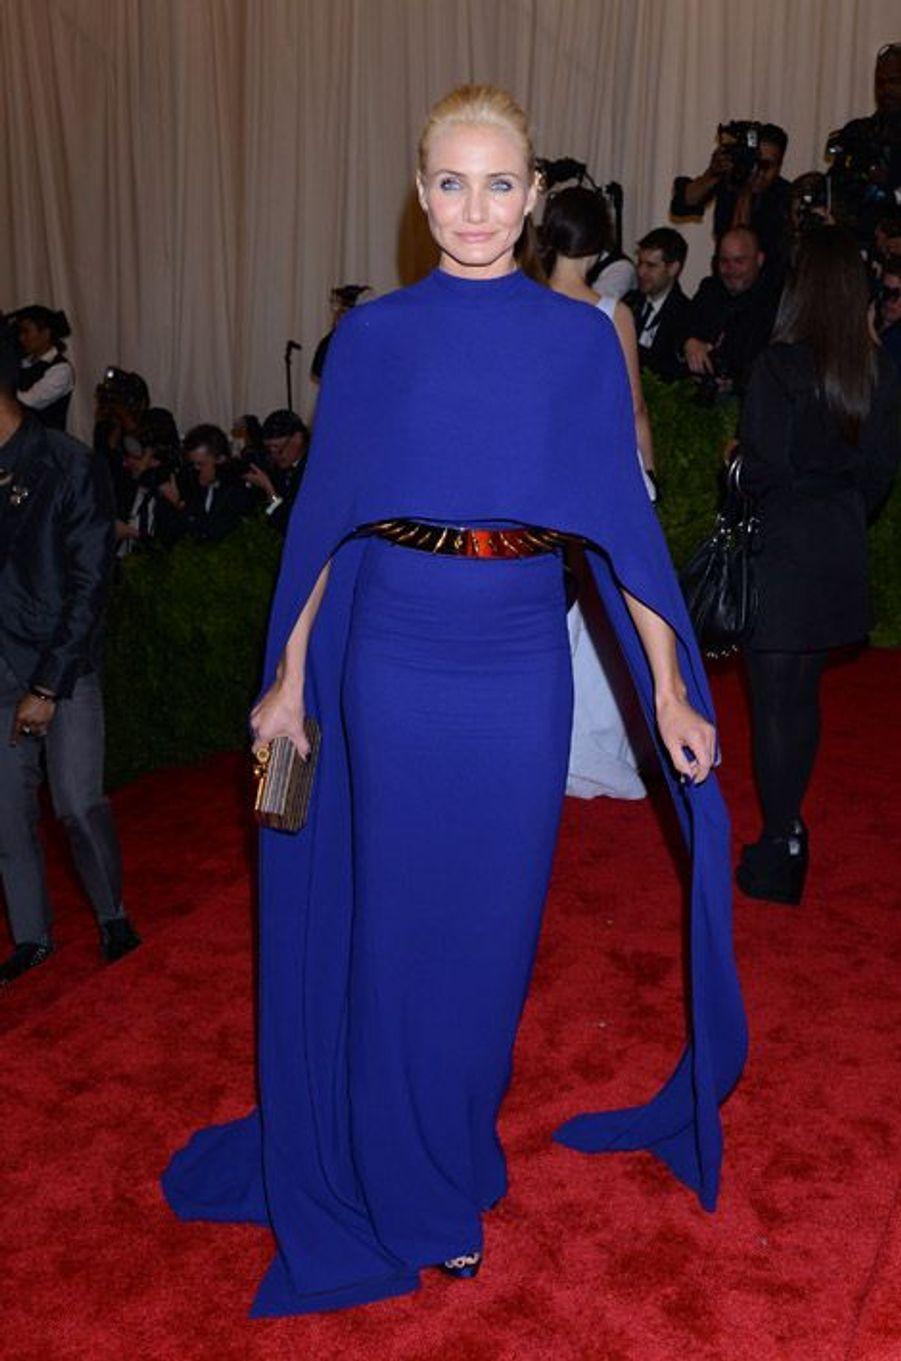 L'actrice Cameron Diaz en Stella McCartney au gala du Met à New York, le 6 mai 2013